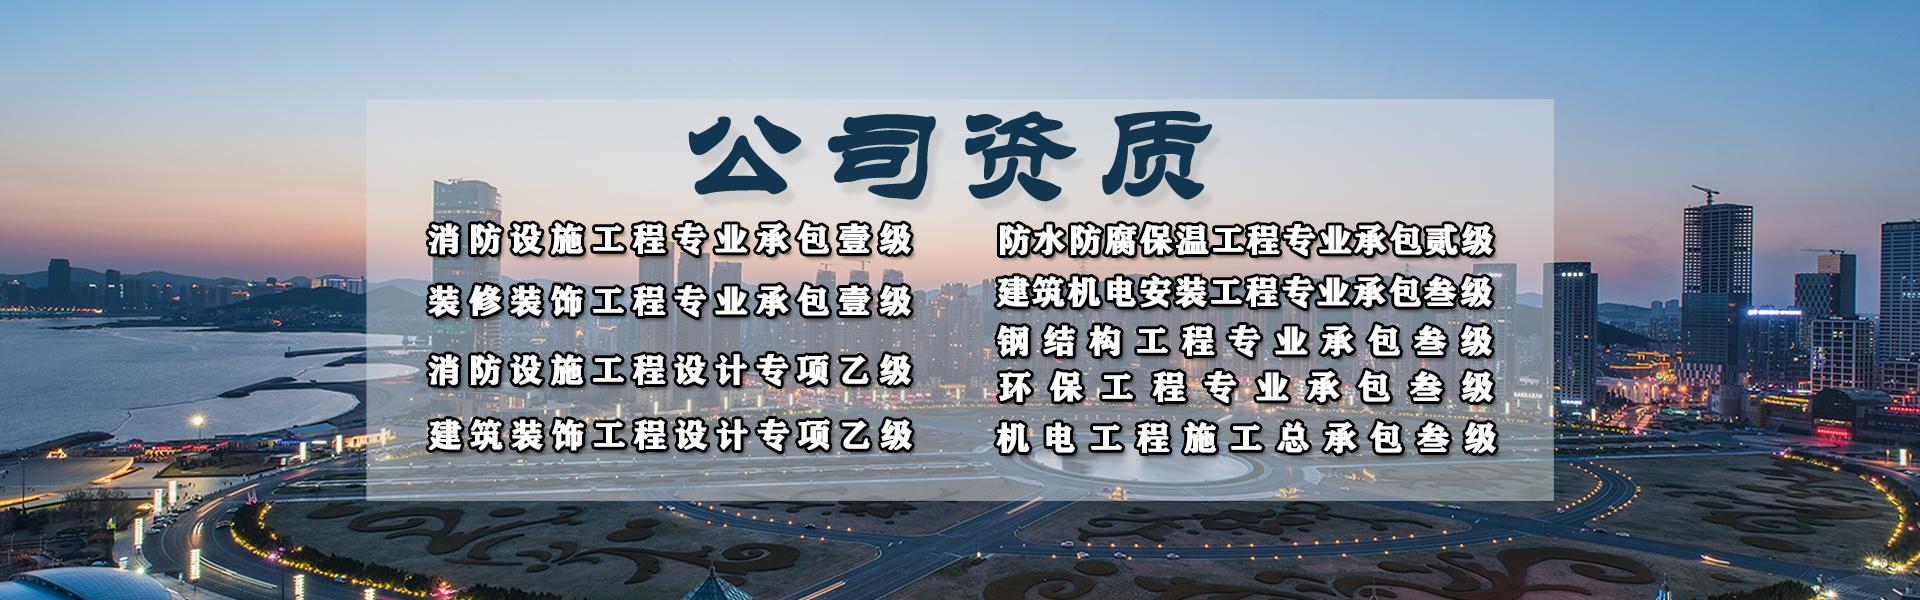 郑州机电设备安装公司